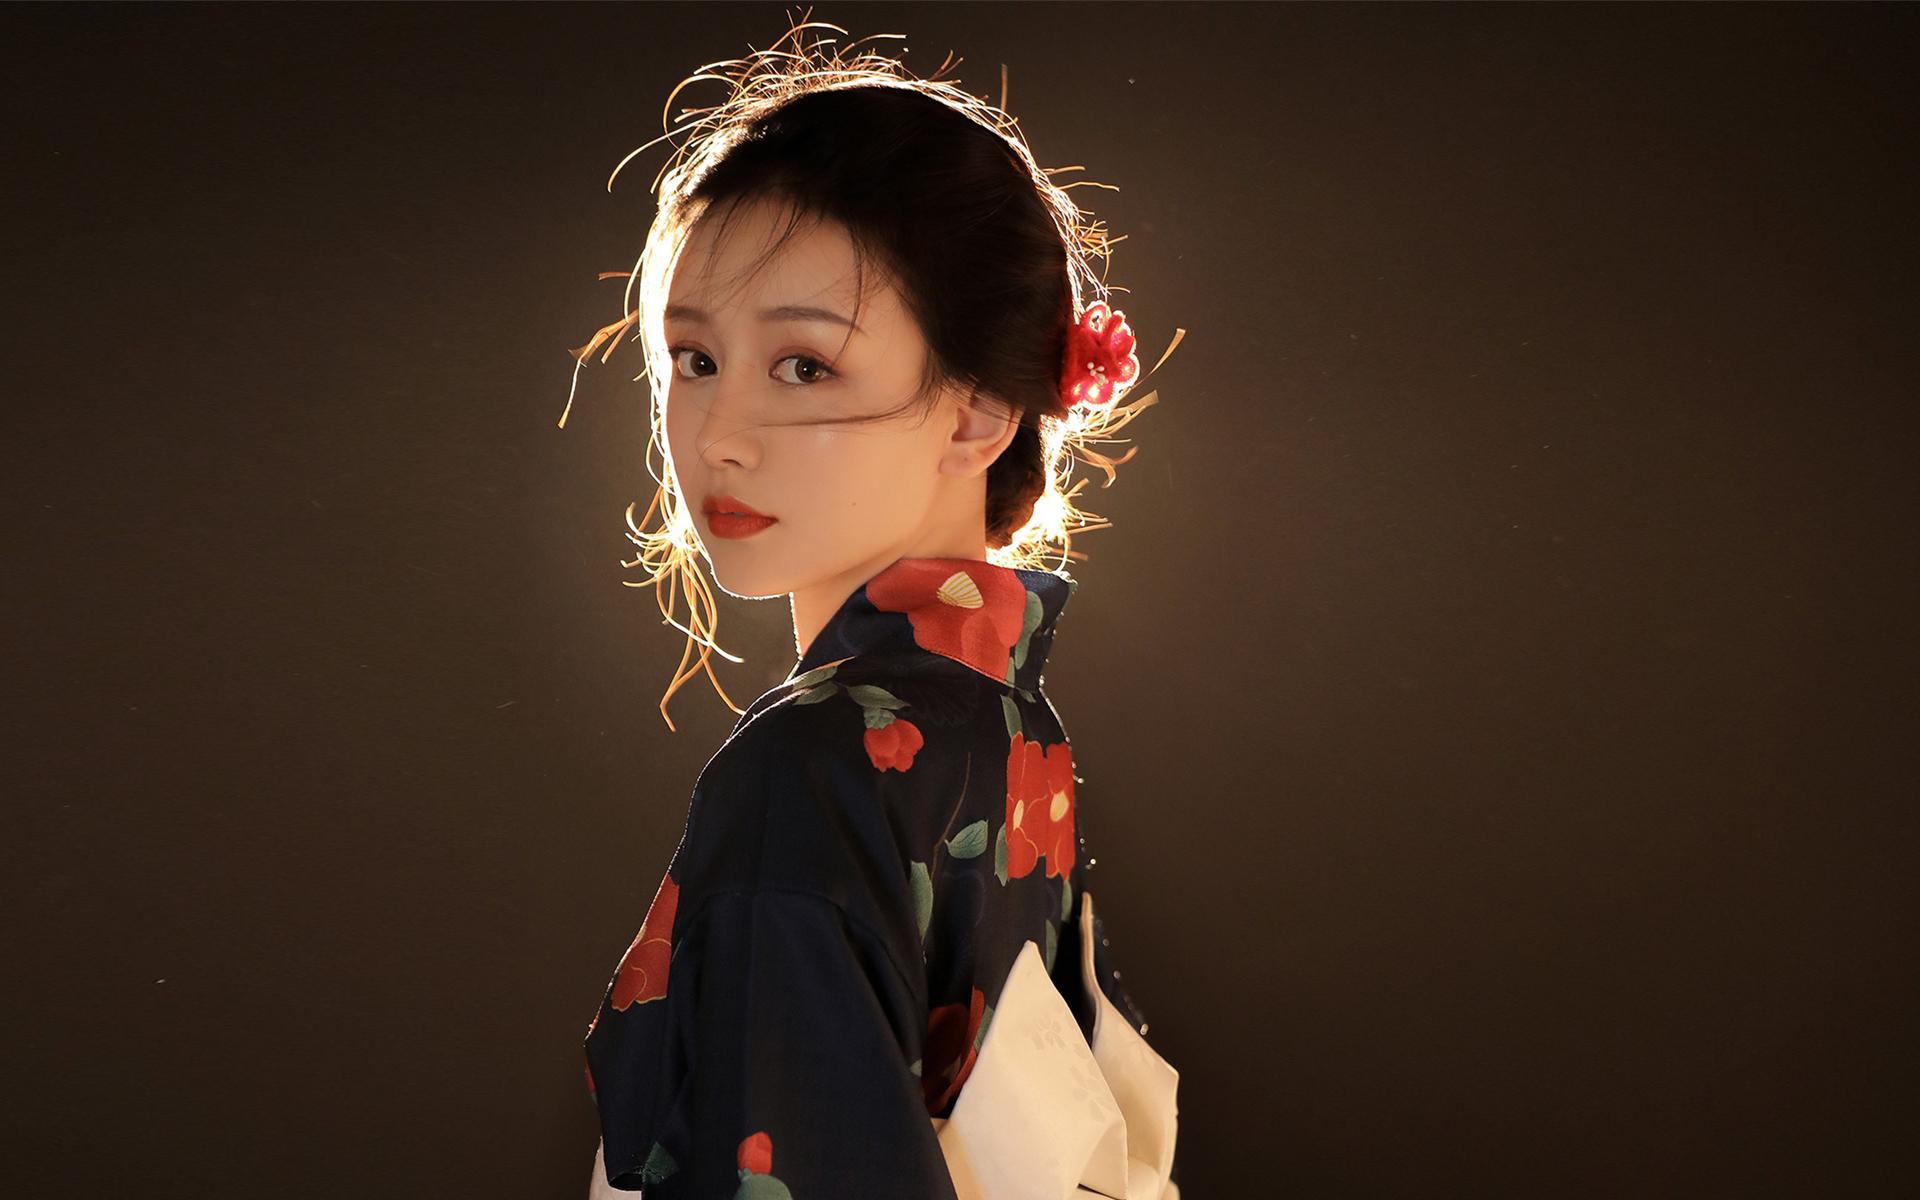 美女模特,文艺古风,,日系美女和服写真